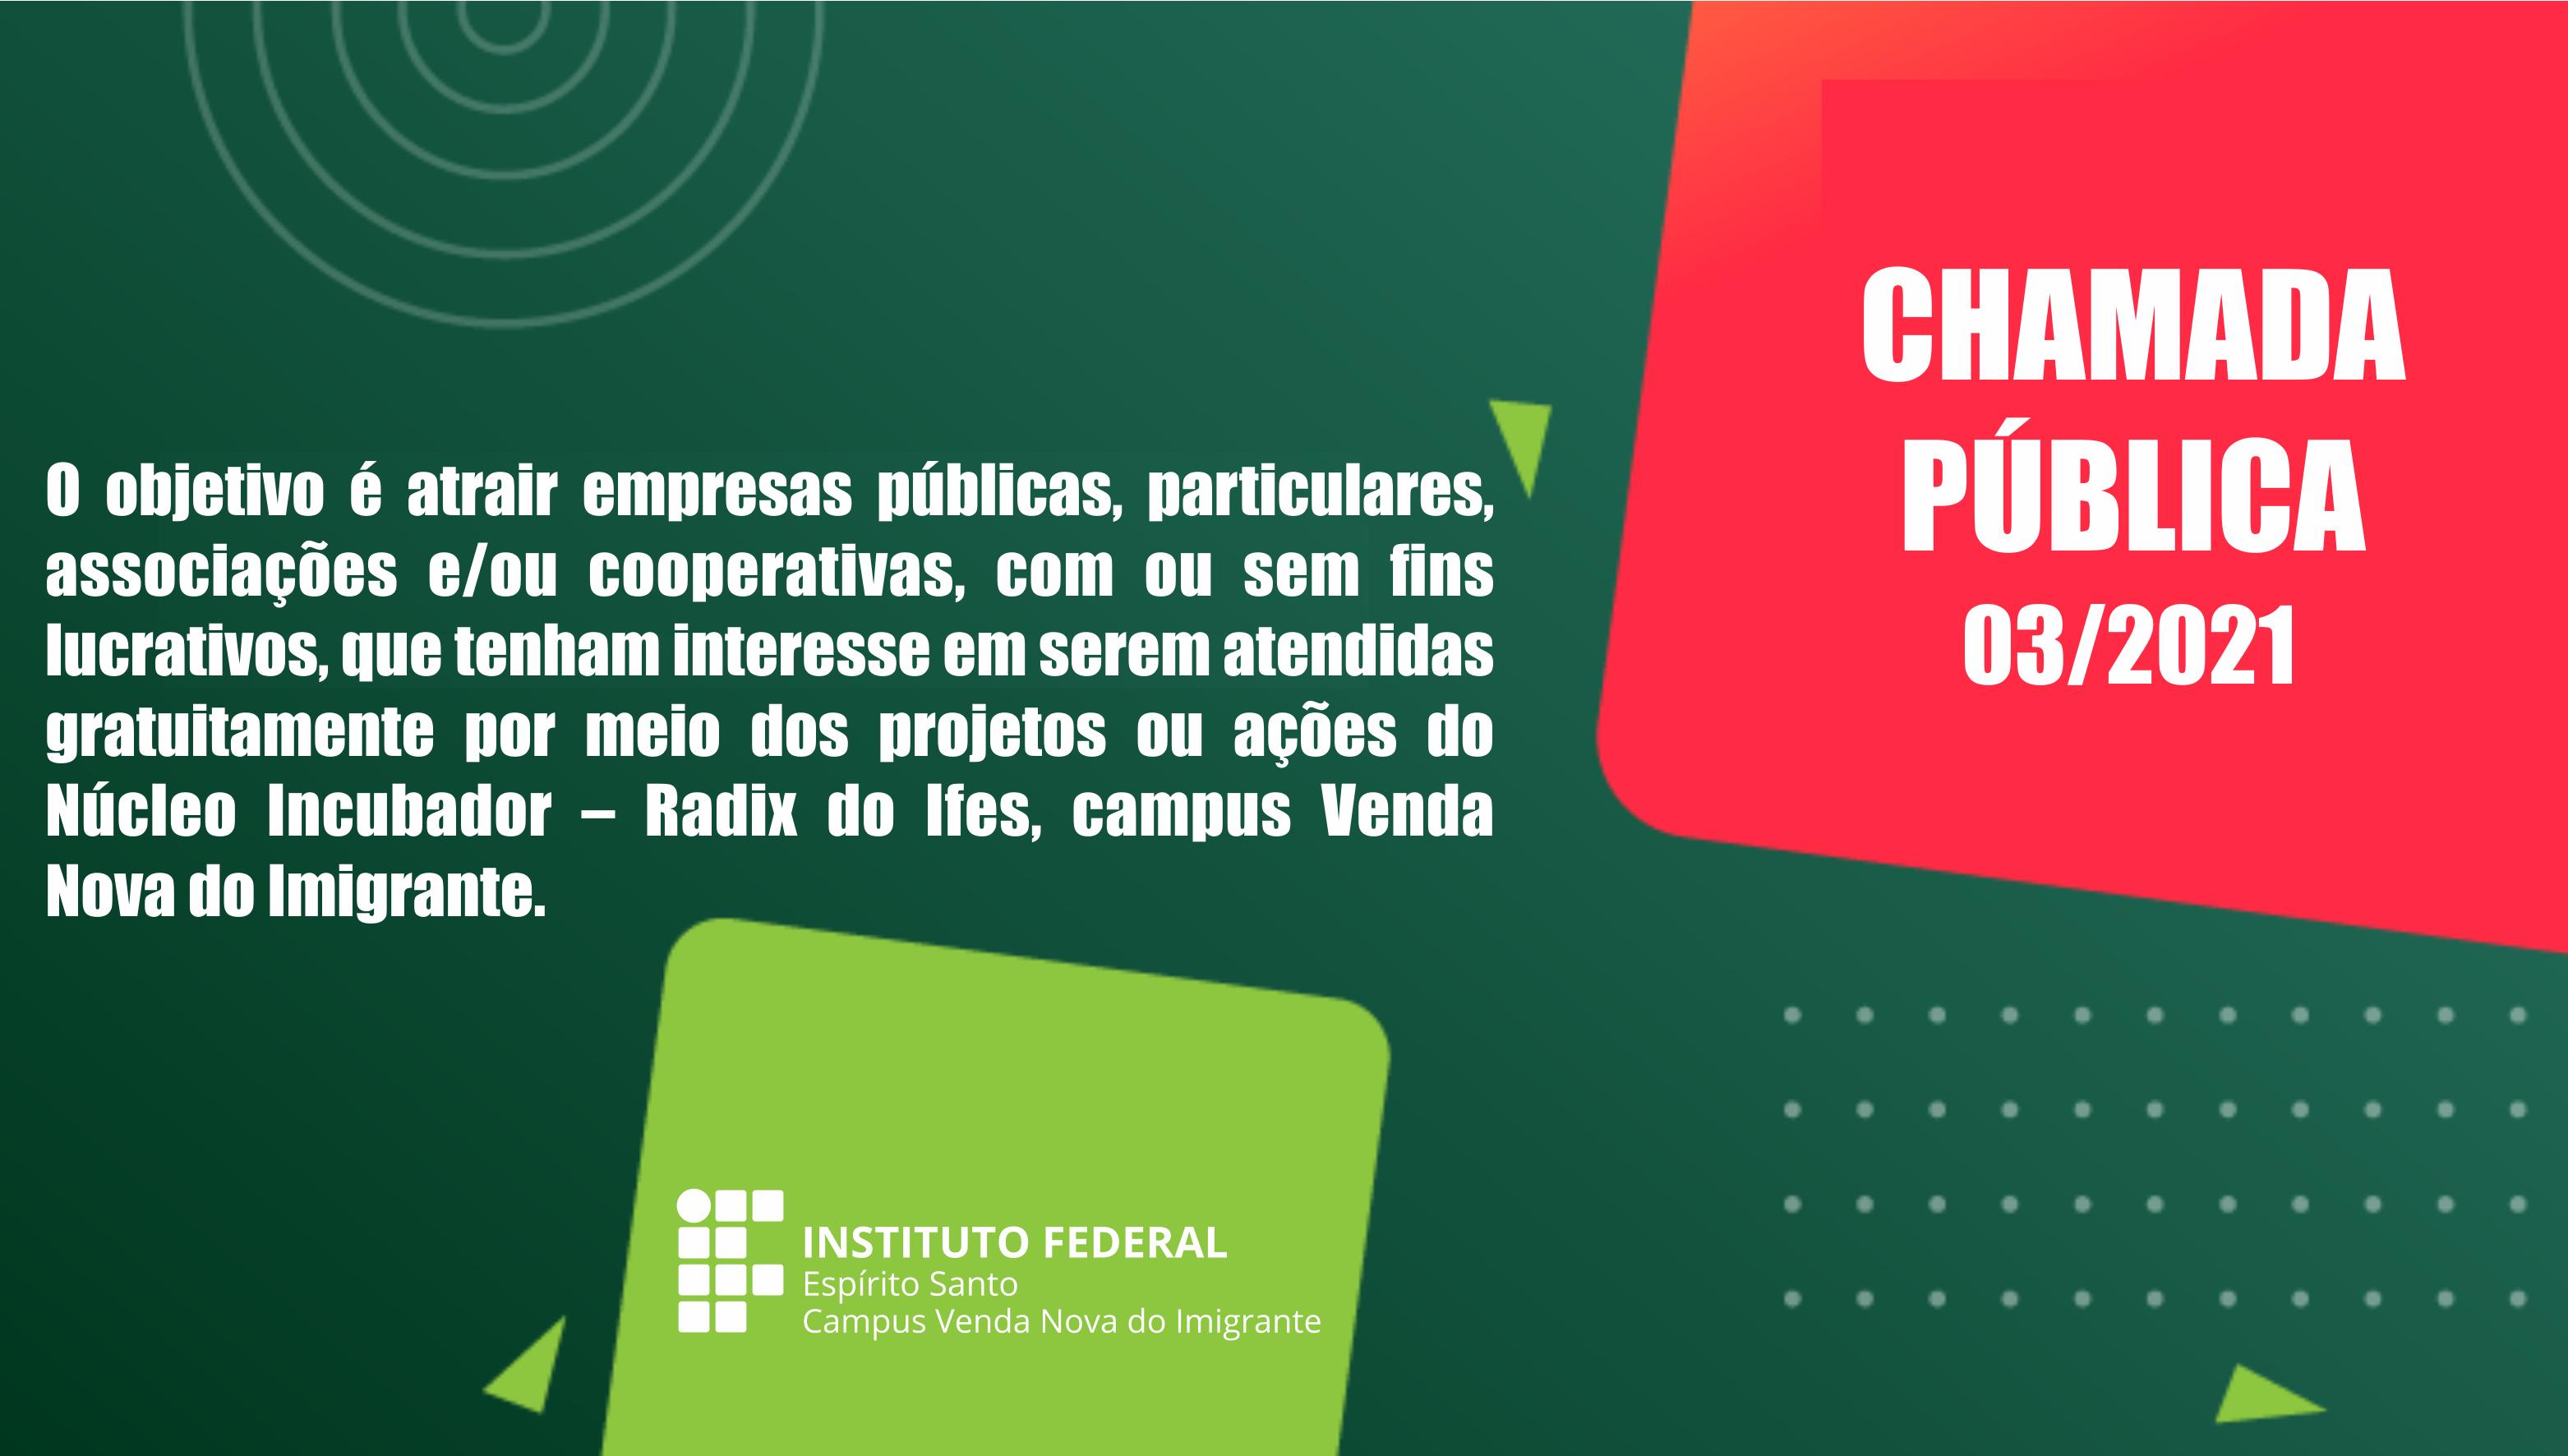 Chamada Pública nº 03/2021